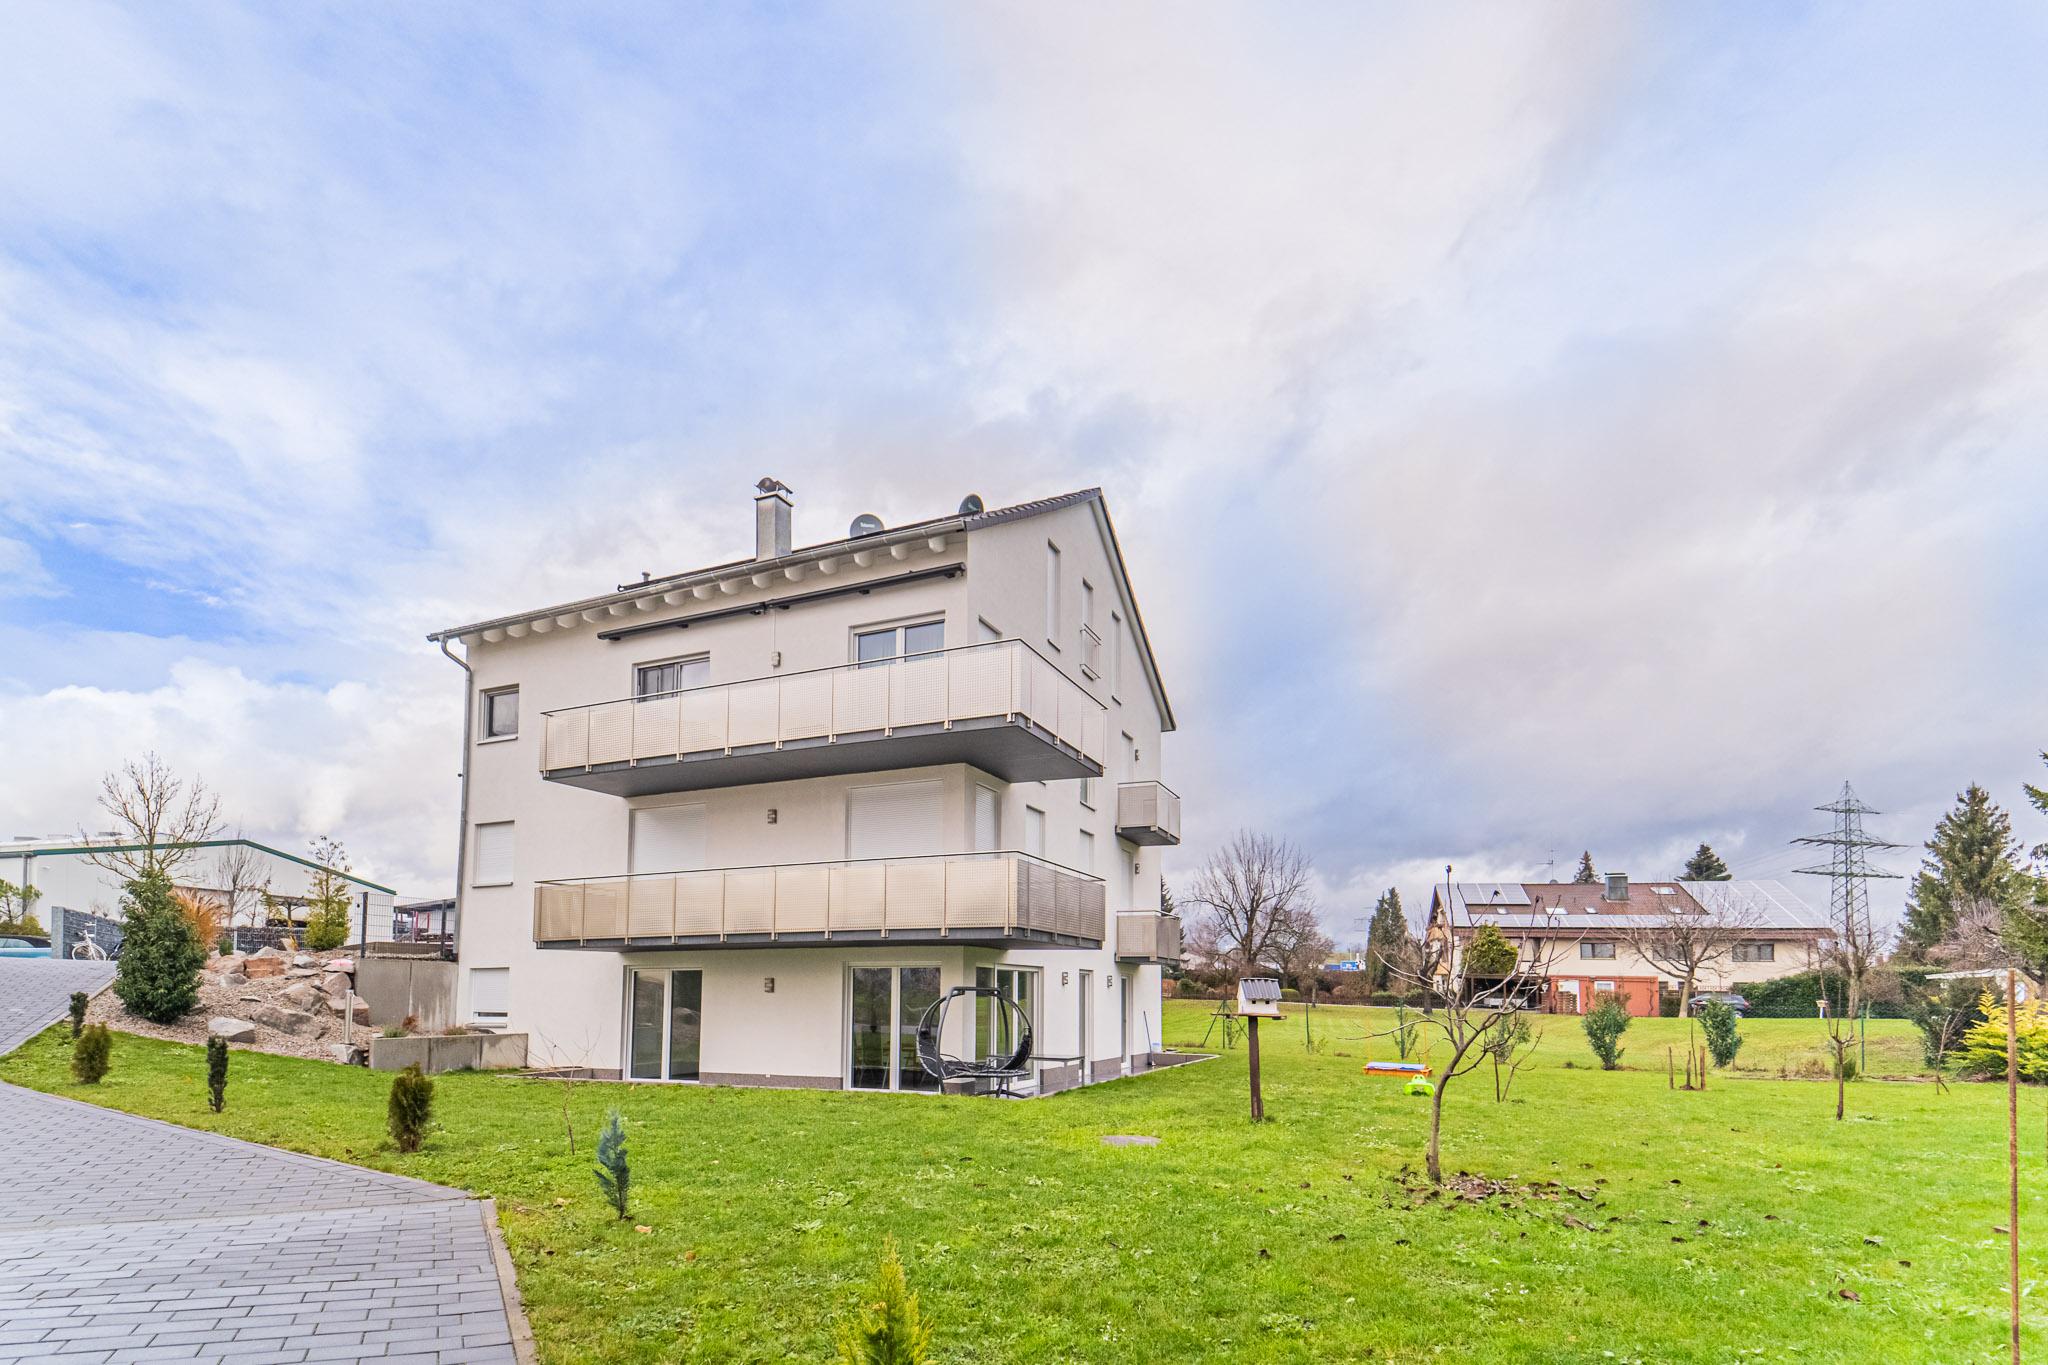 Gewerbe Miete: Repräsentative 2,5 Zi. lichtdurchflutete Terrassenwohnung (Büro) Erstbezug Rheinfelden